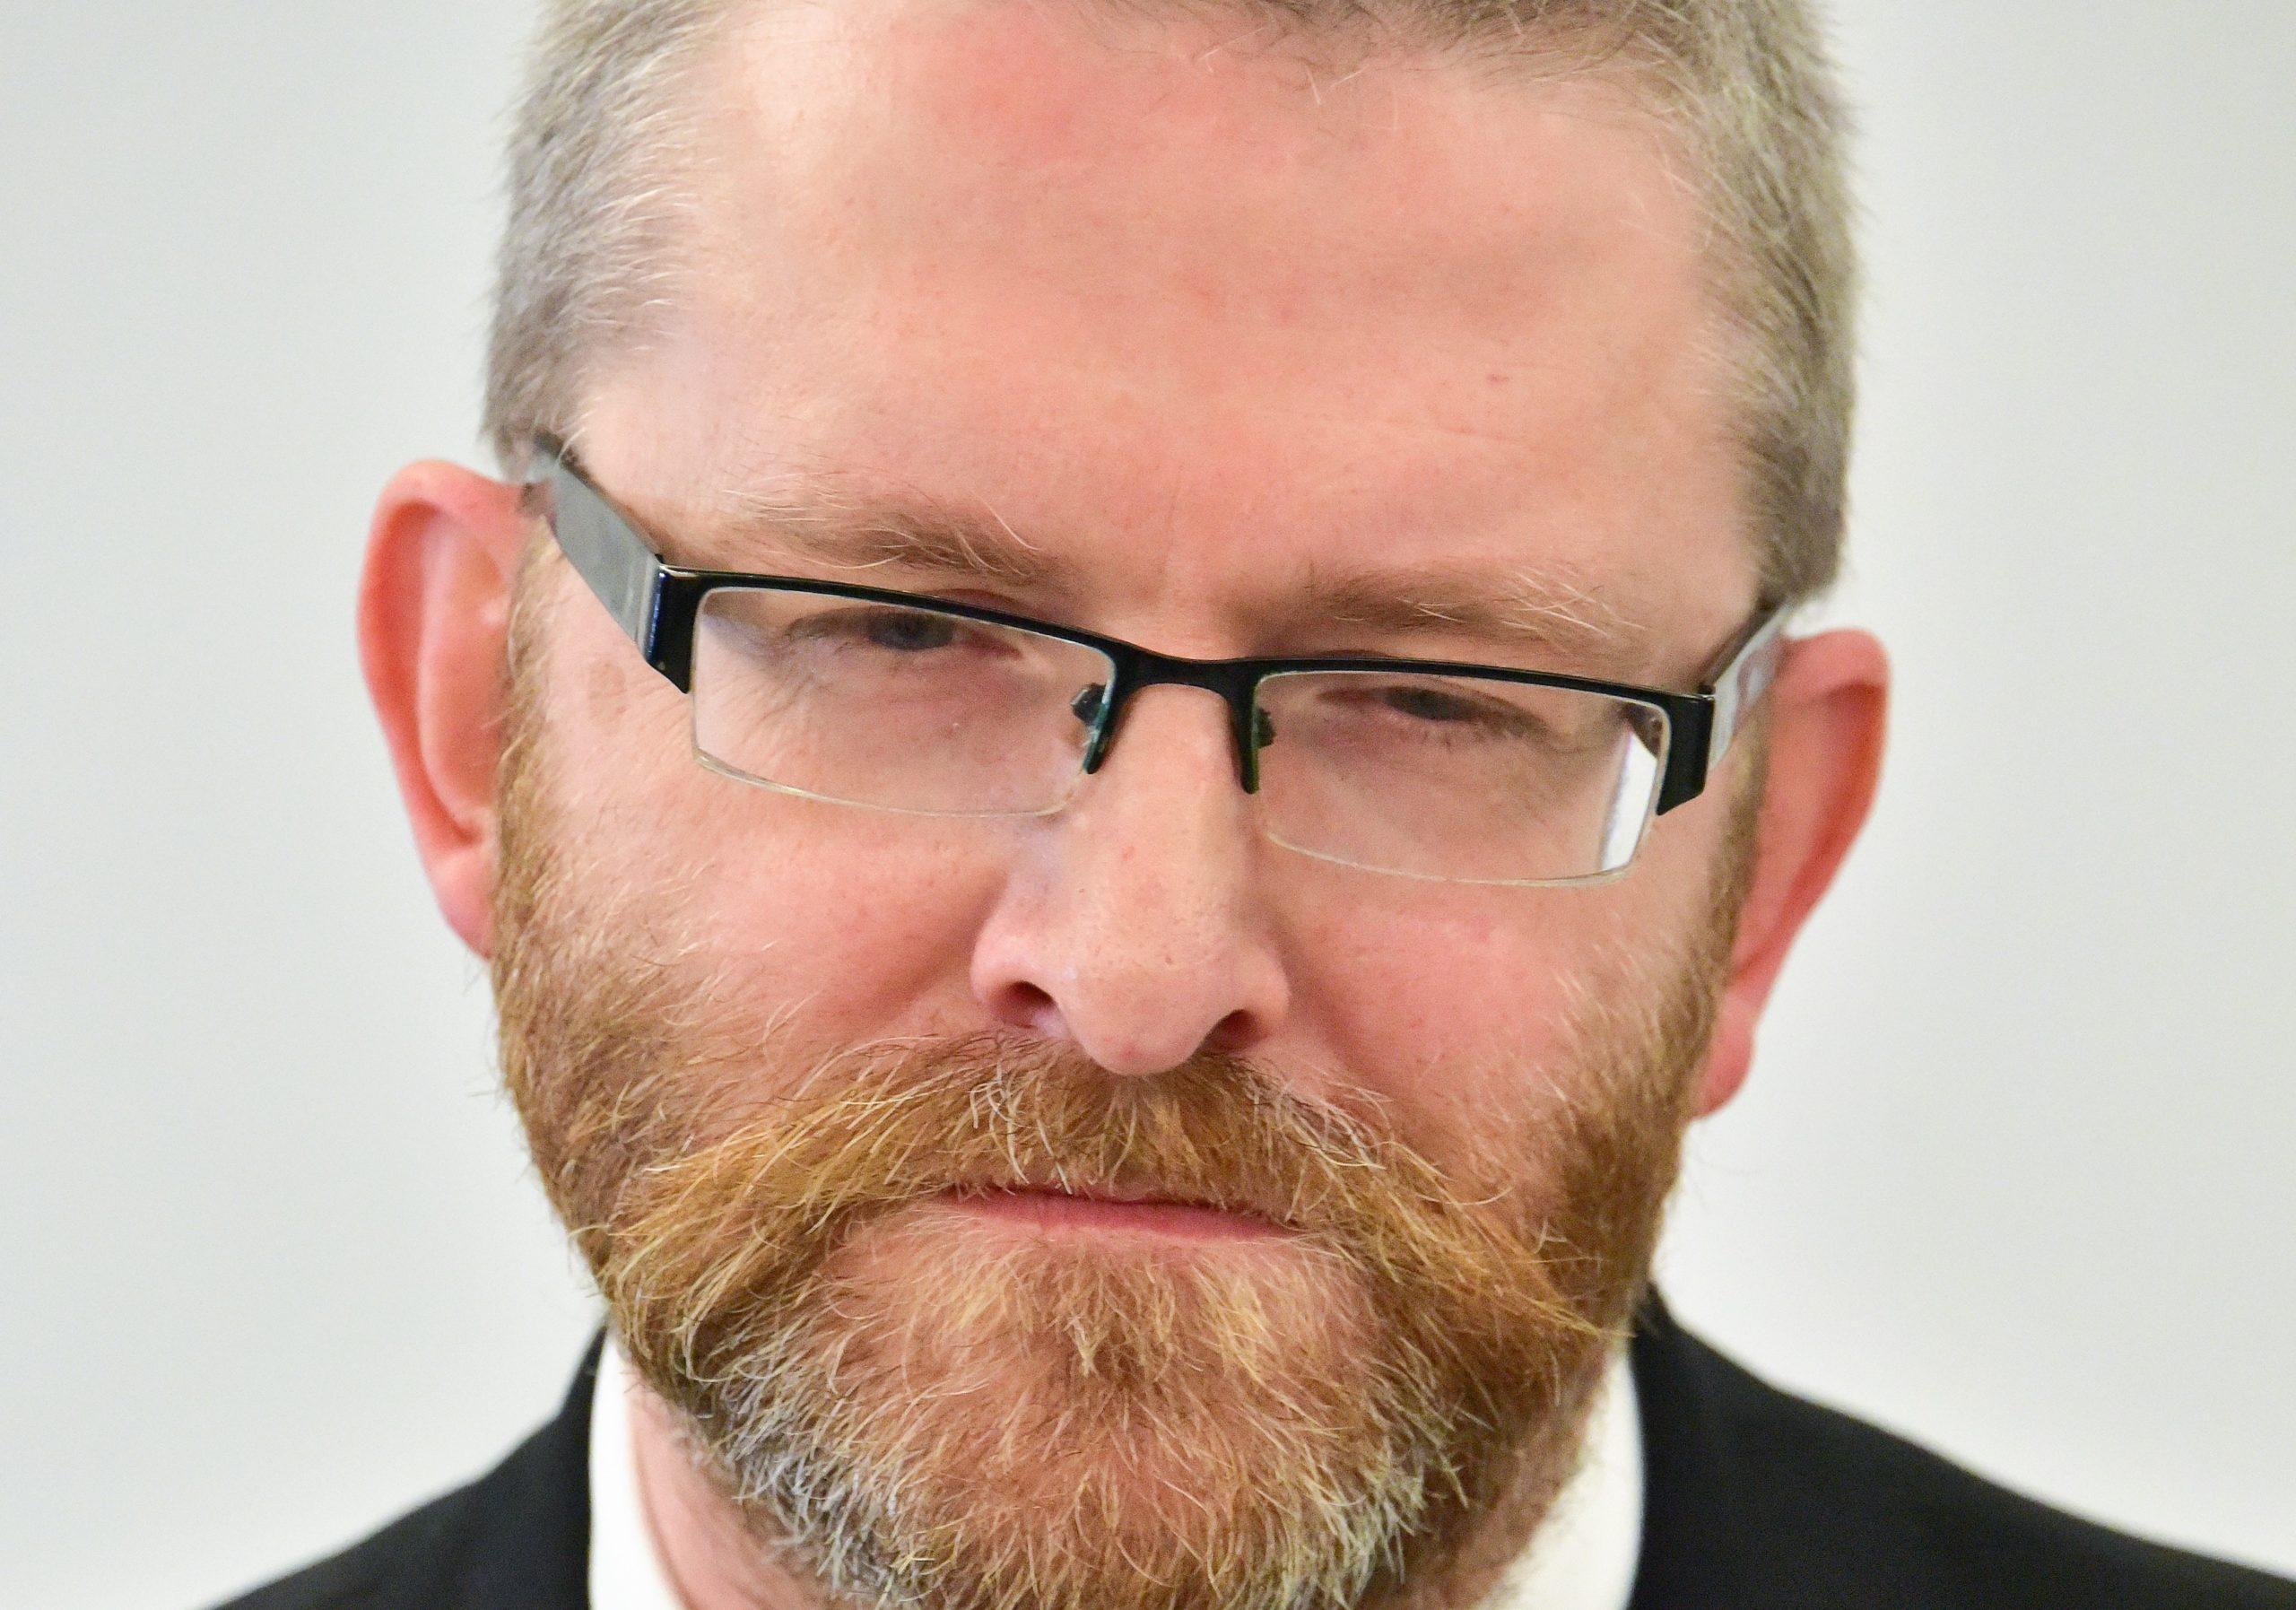 Skandal w Sejmie! Marszałek Witek zawiadamia prokuraturę